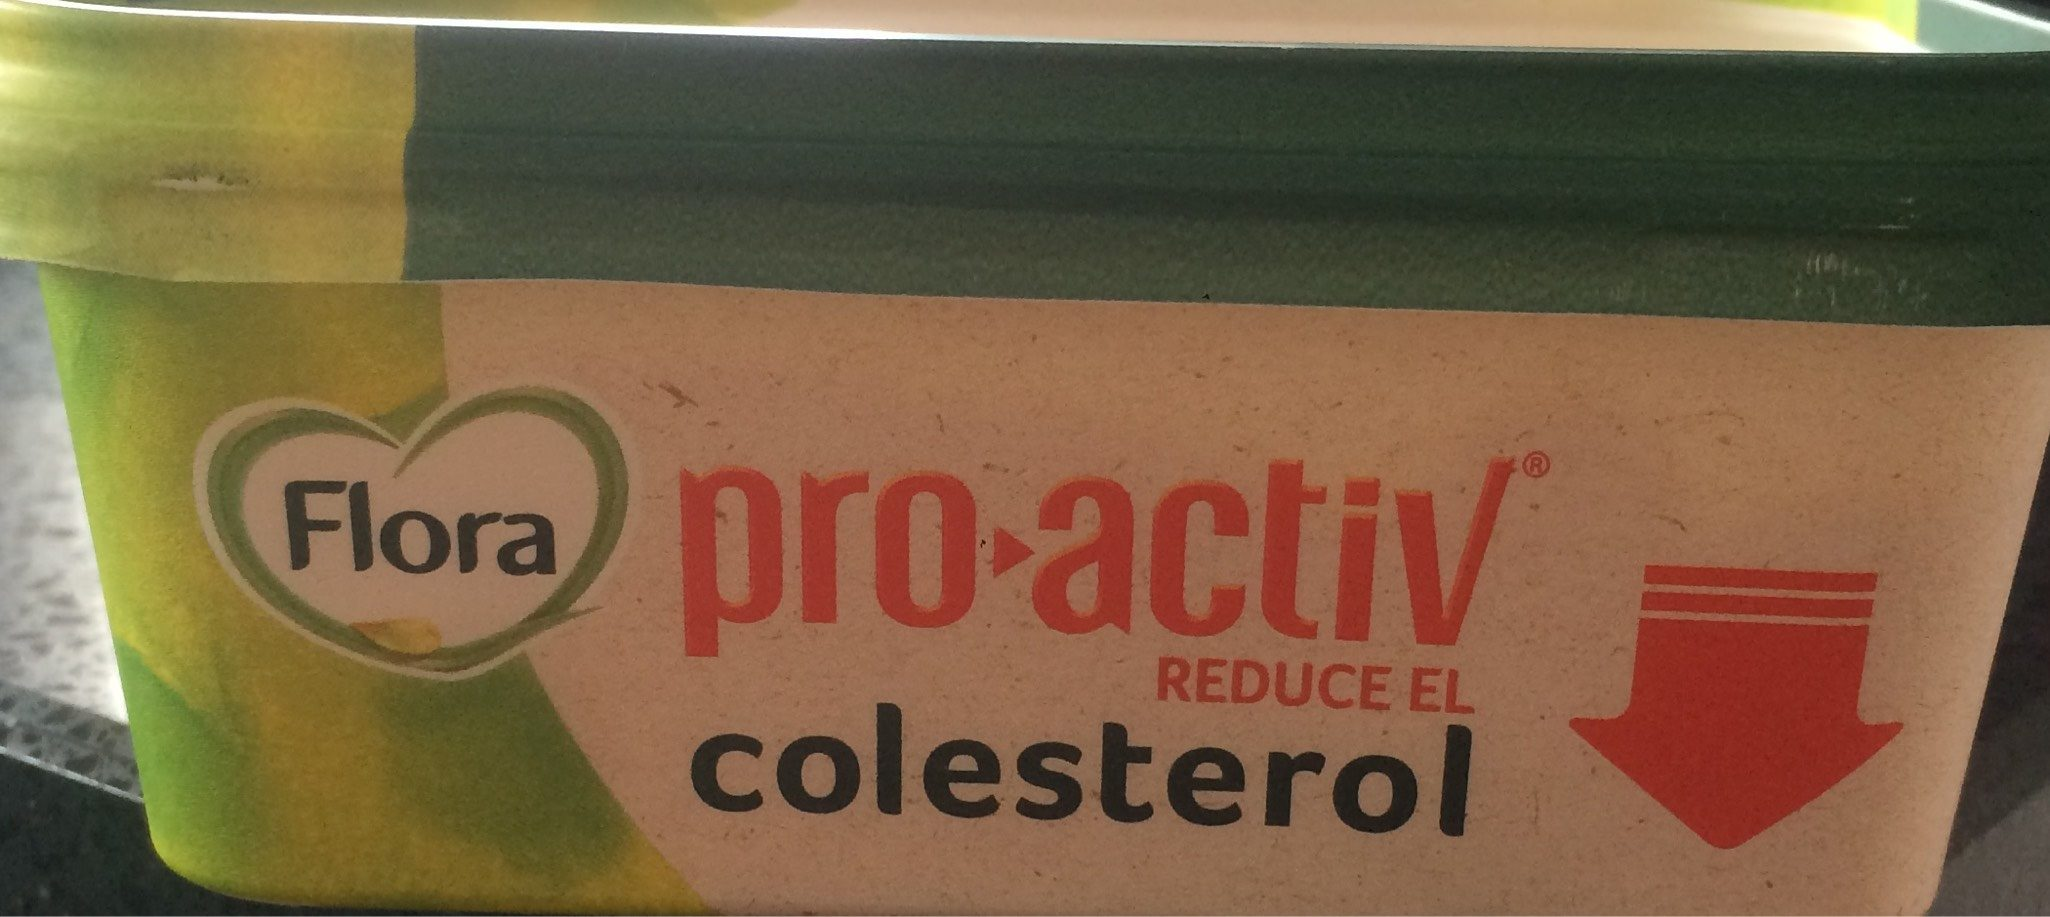 Pro activ Colesterol 250G - Produit - fr